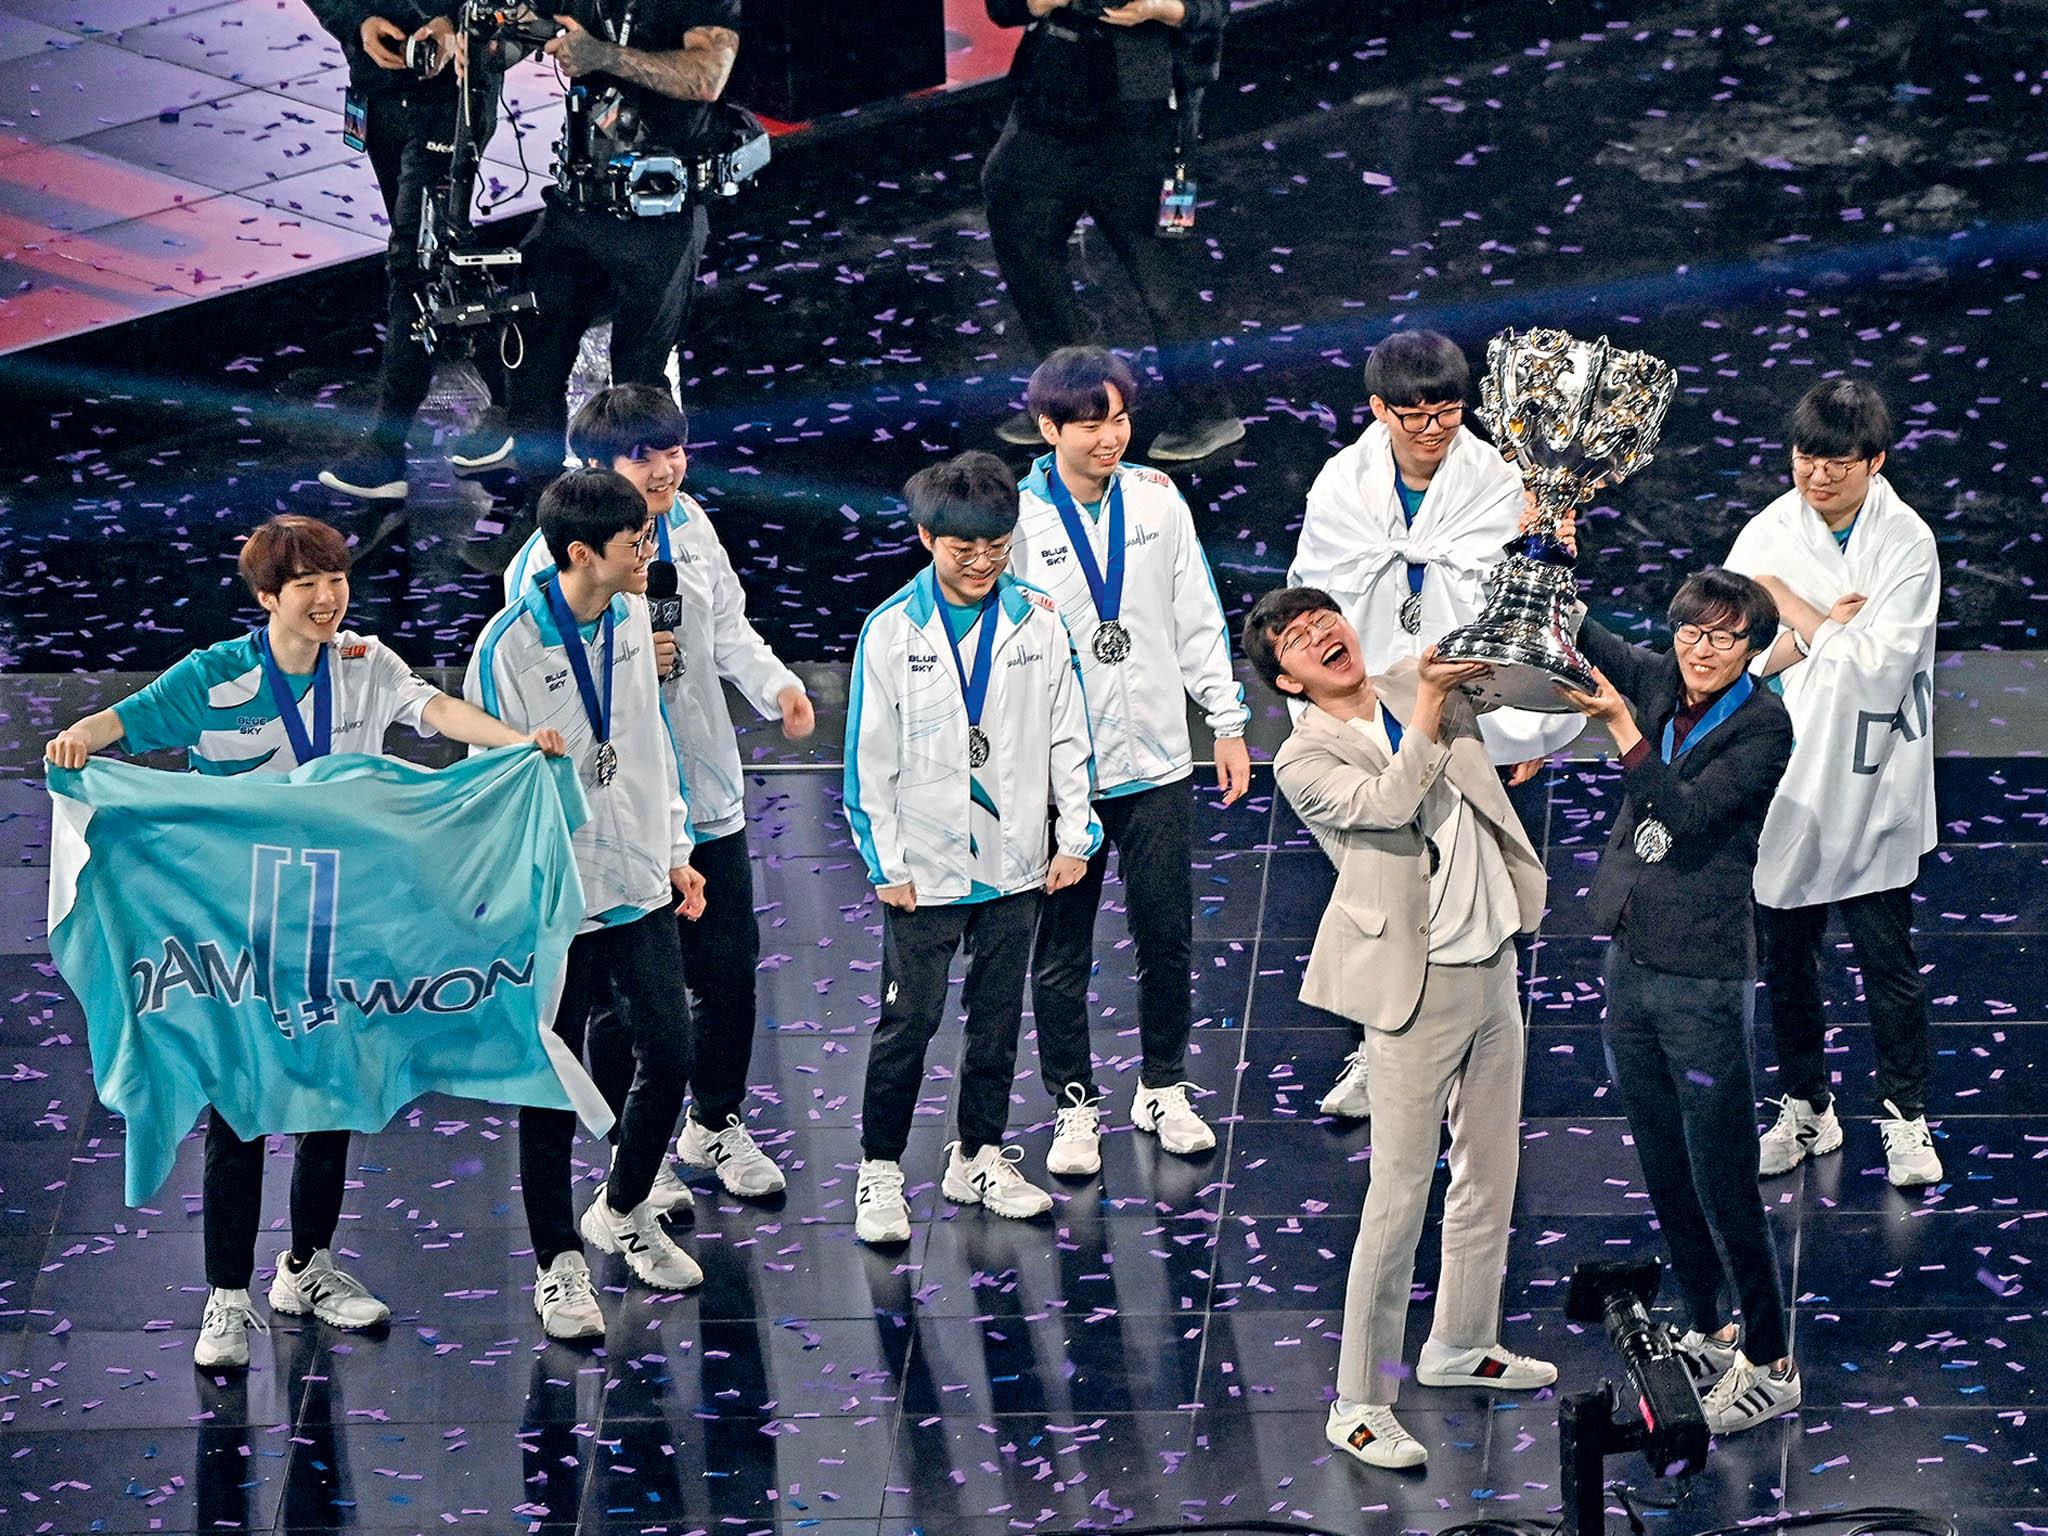 Jihokorejský tým Damwon Gaming loni zvítězil všampionátu vLeague of Legends. Vítězný zápas však musel odehrát před prázdnými tribunami.